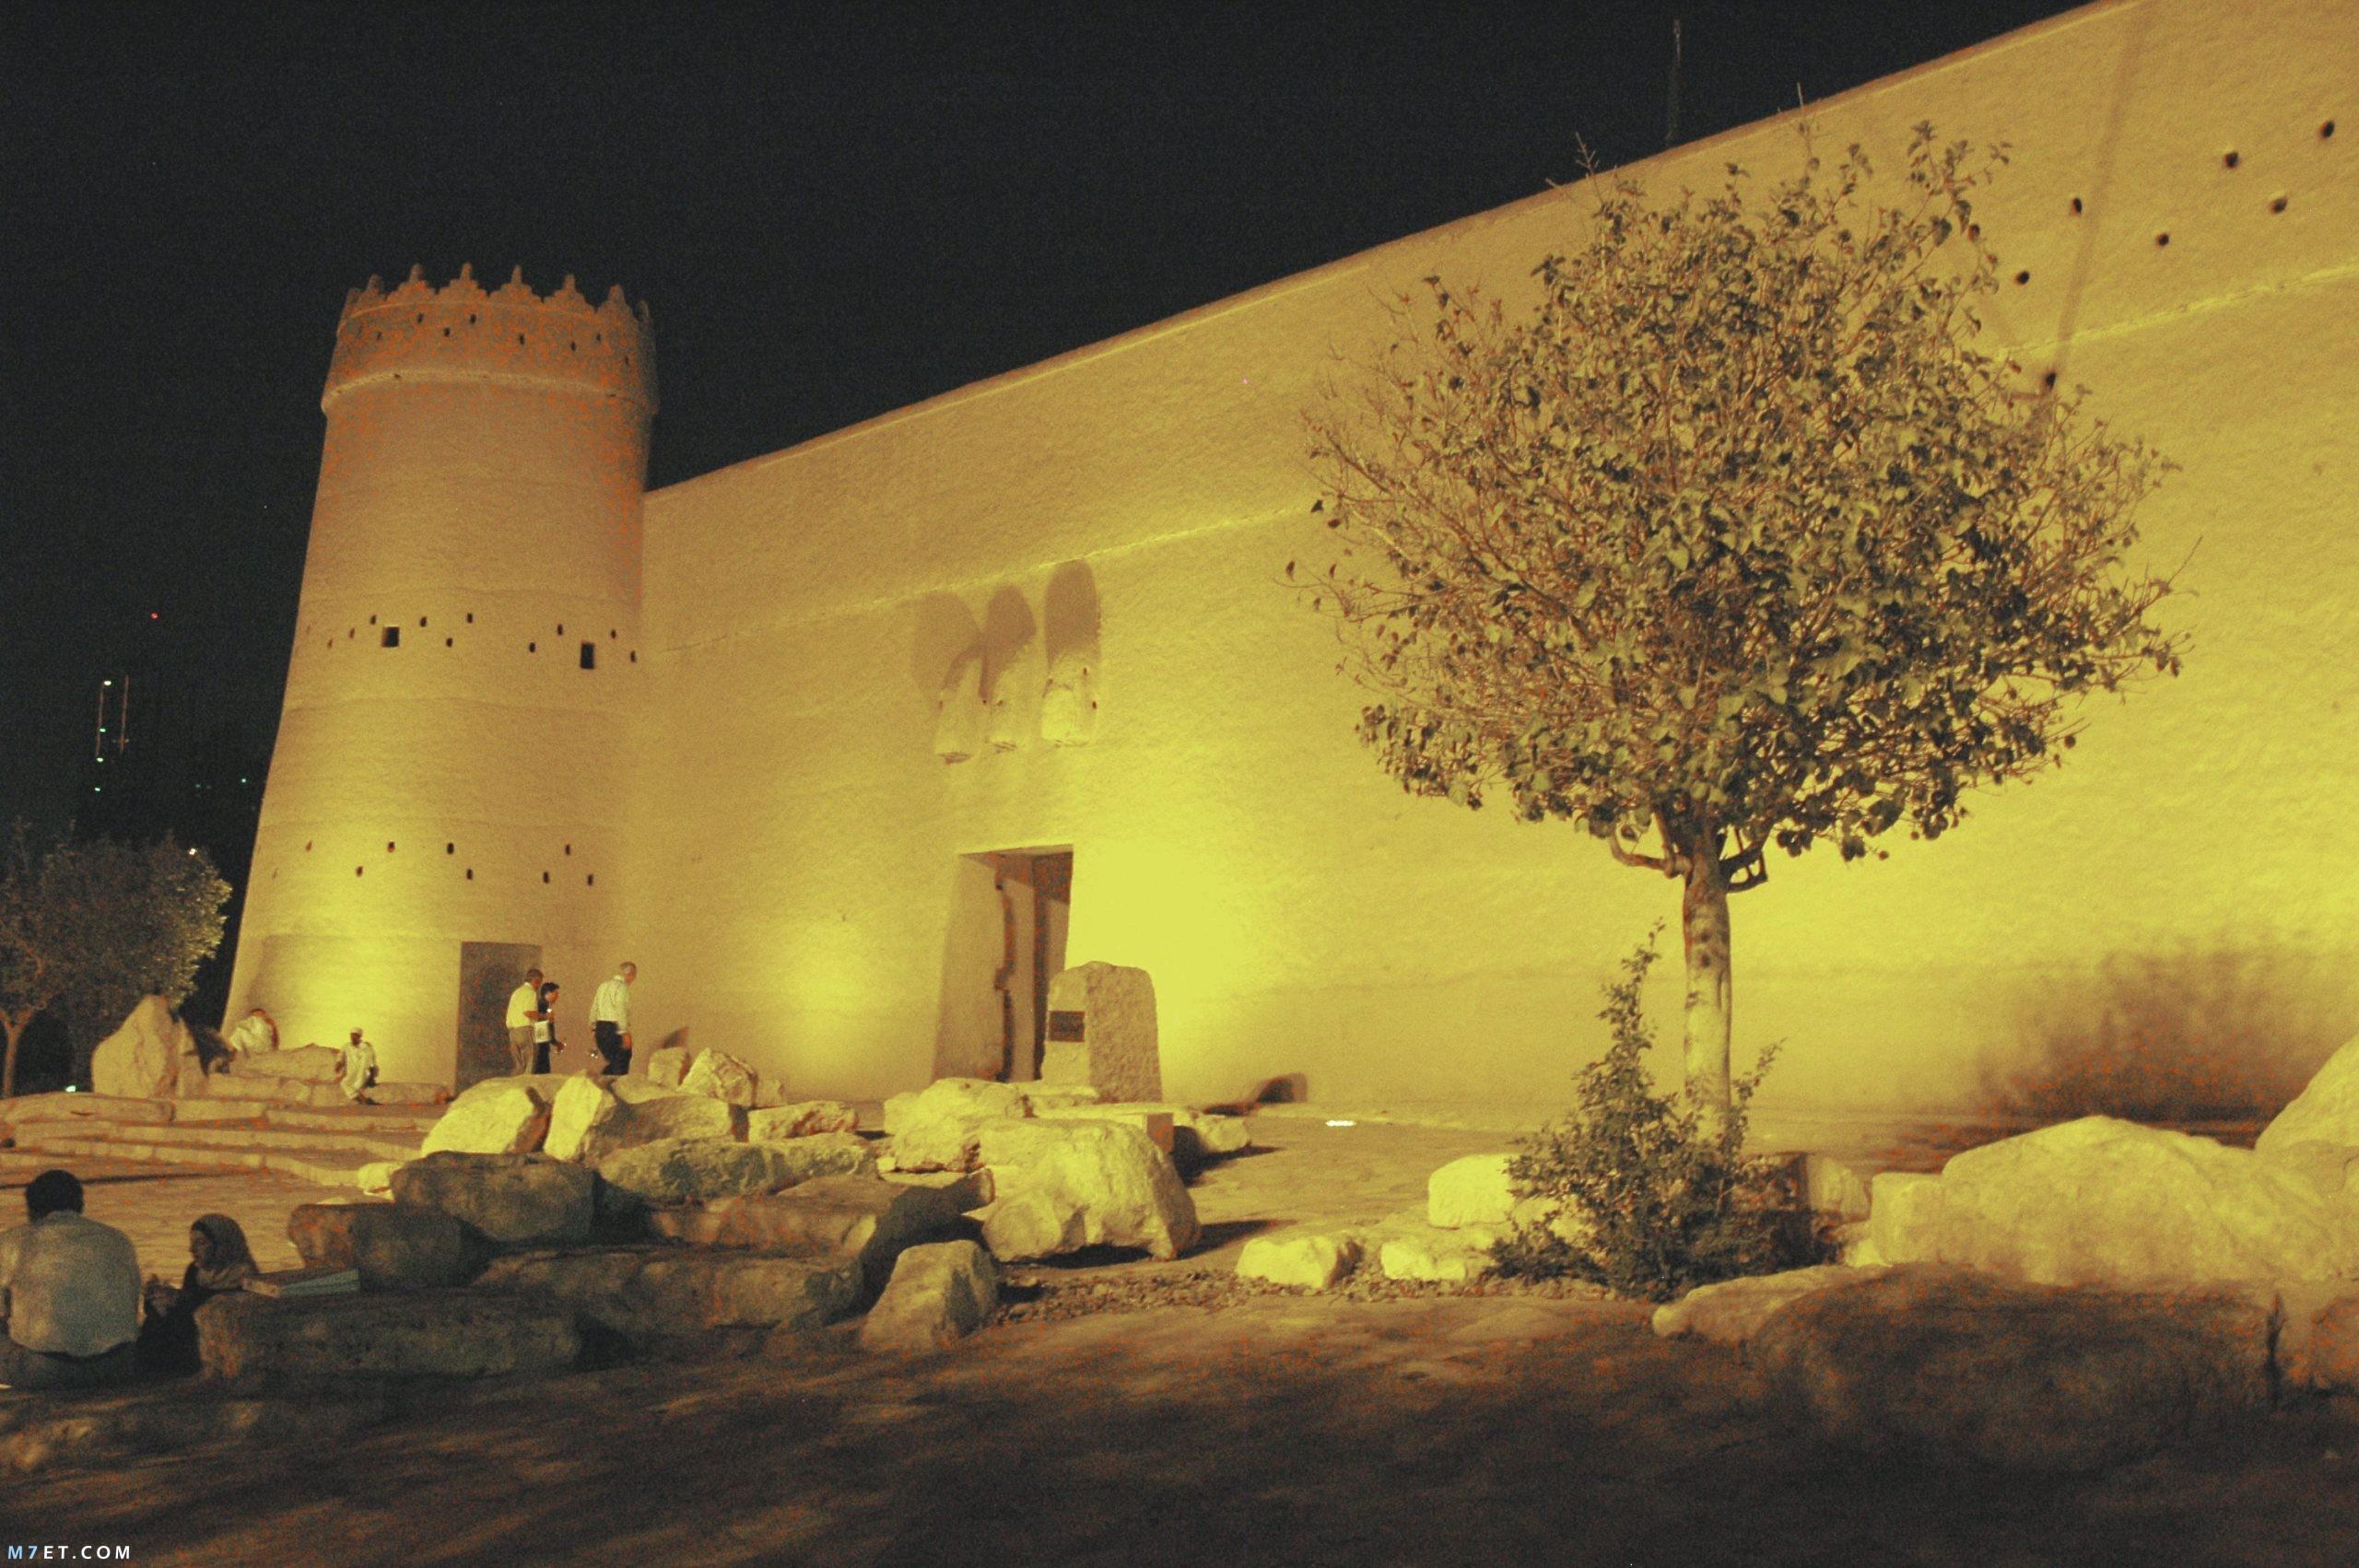 اهم معلومات عن قصر المصمك تقرير متكامل عن قصر المصمك